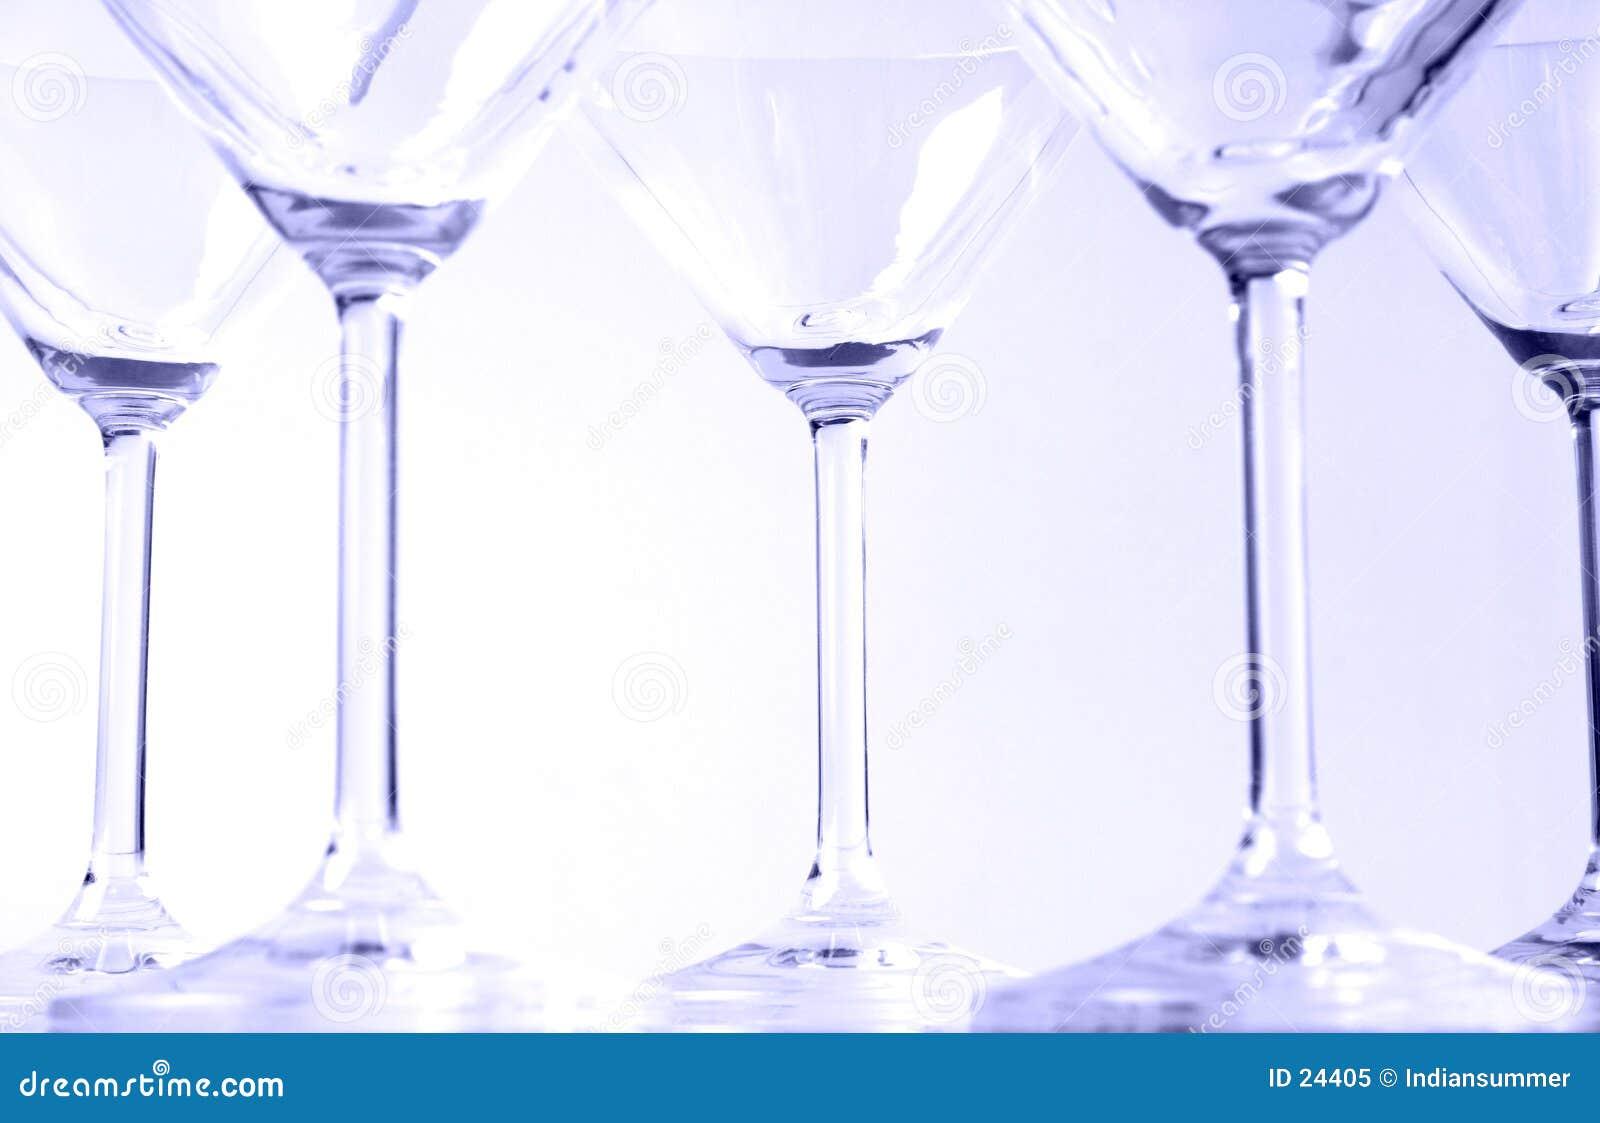 Martini glasses VI